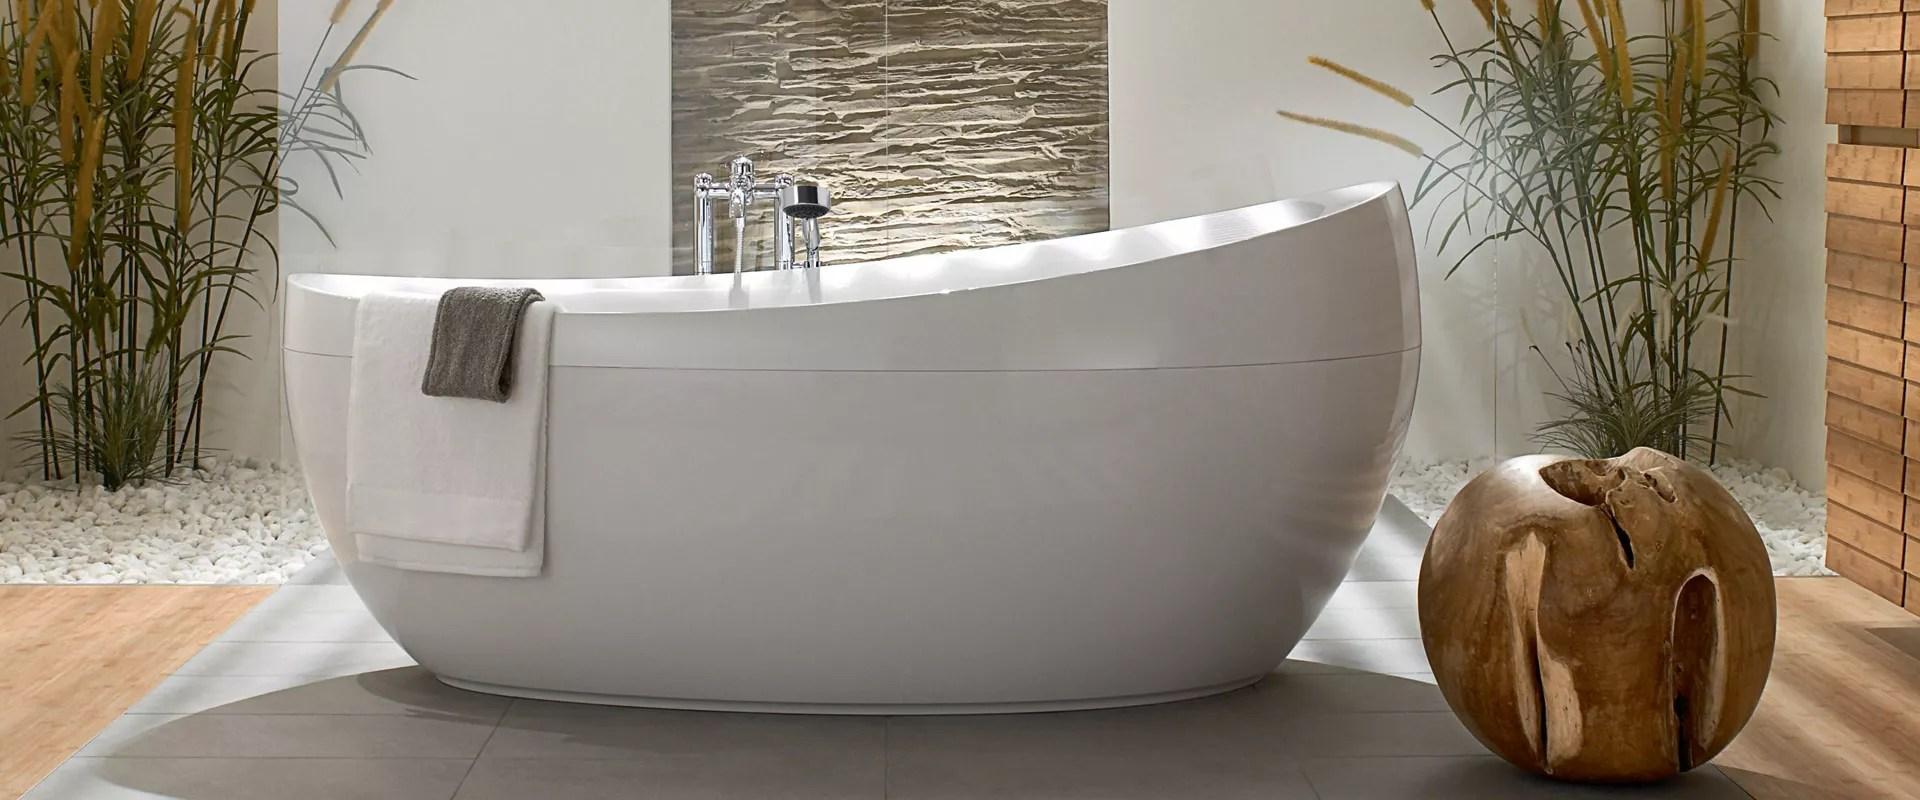 La collezione Aveo di Villeroy  Boch  Design moderno per il vostro bagno